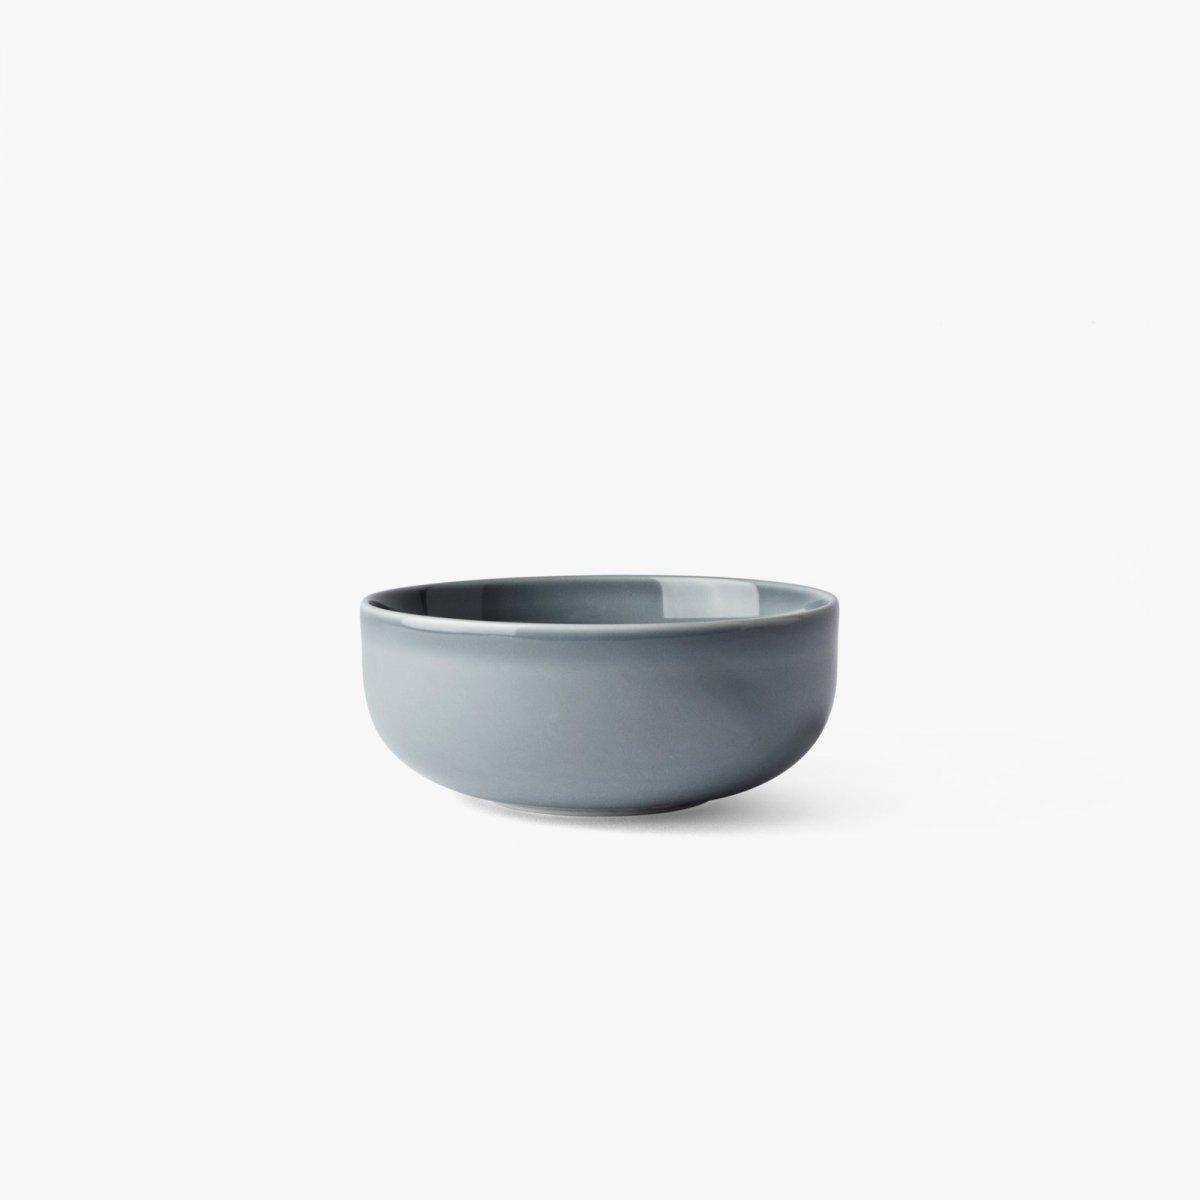 New Norm Bowl, Ø 13.5 cm, ocean.